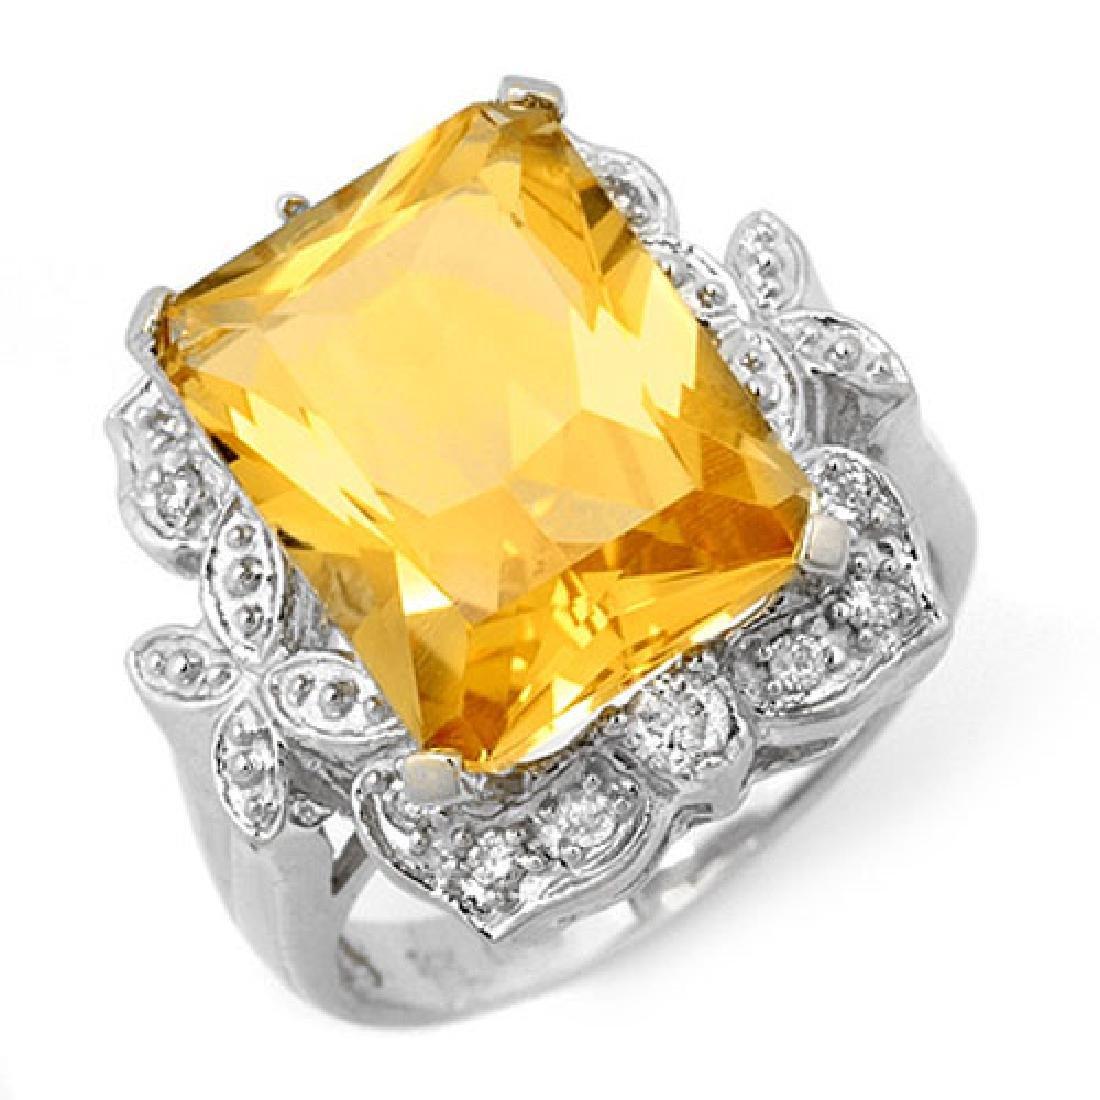 9.25 CTW Citrine & Diamond Ring 14K White Gold